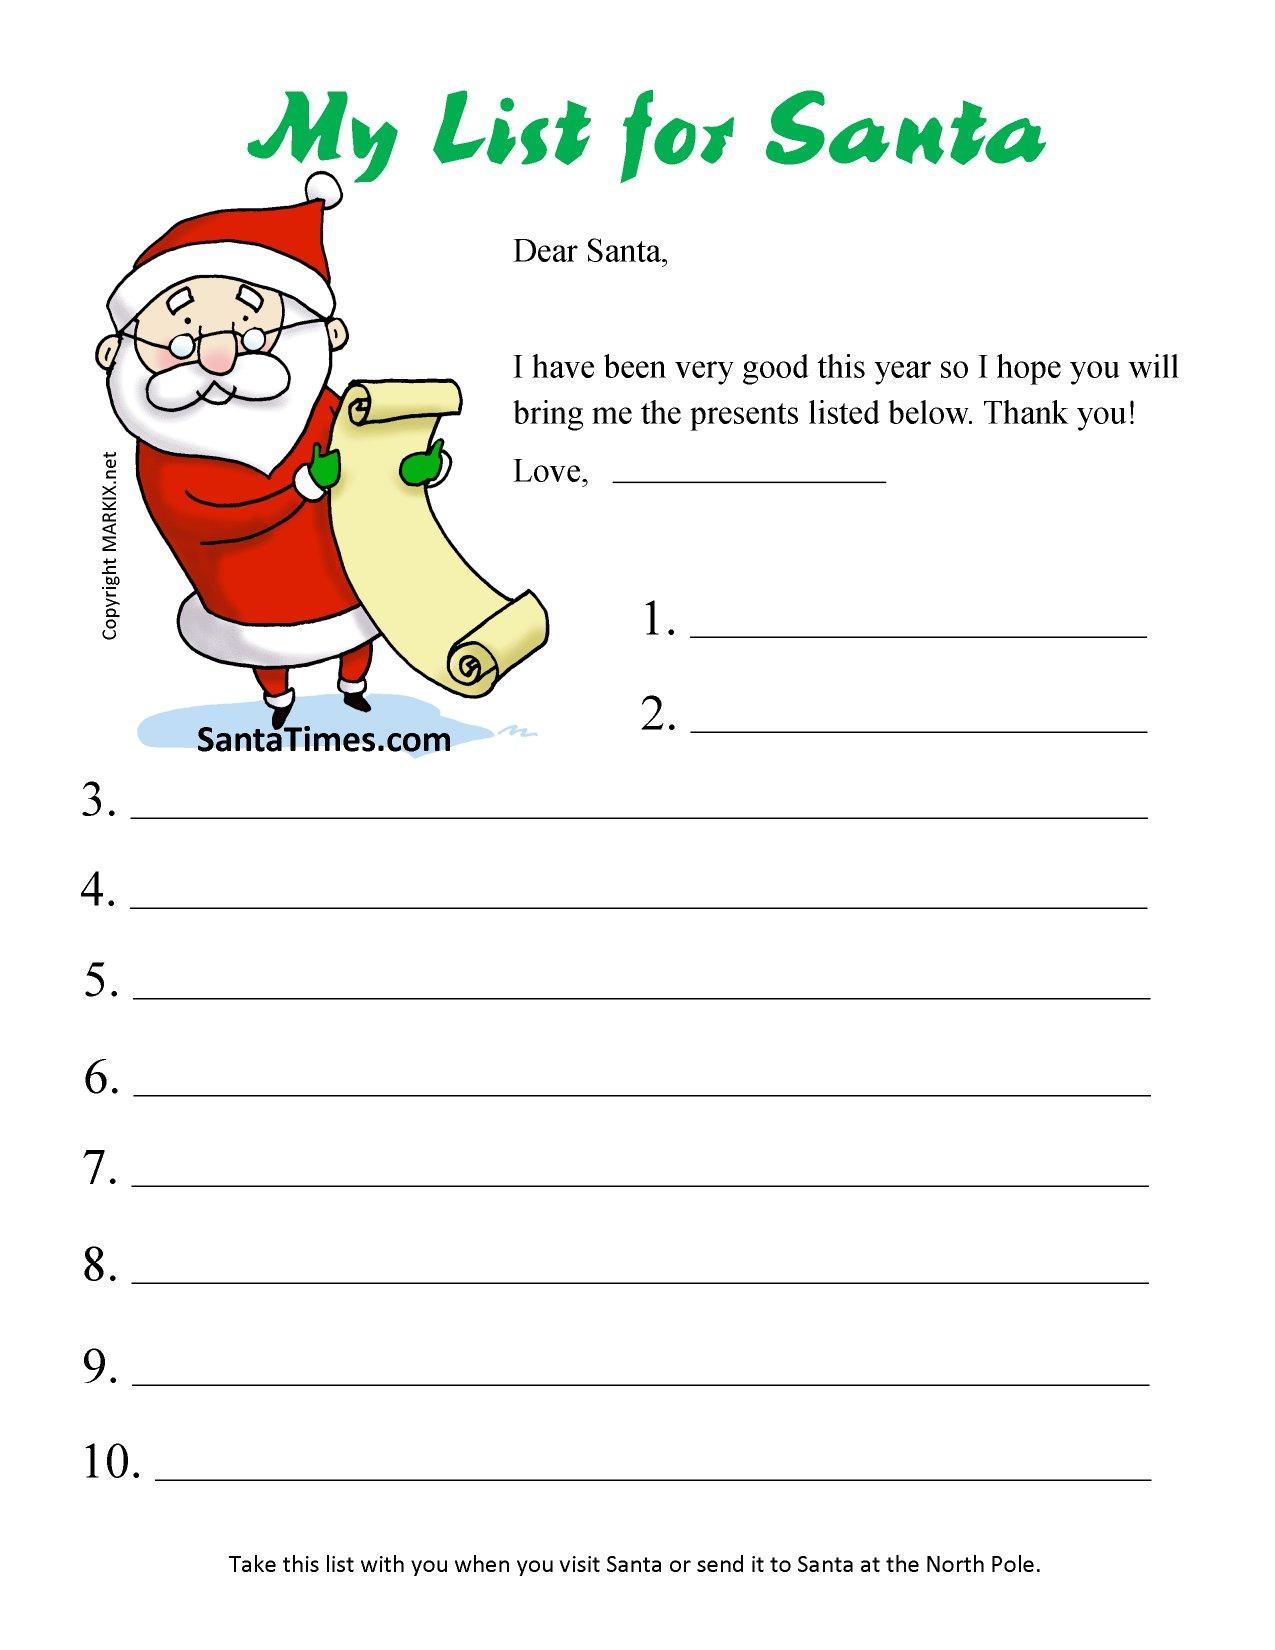 Print Your Christmas Wish List For Santa